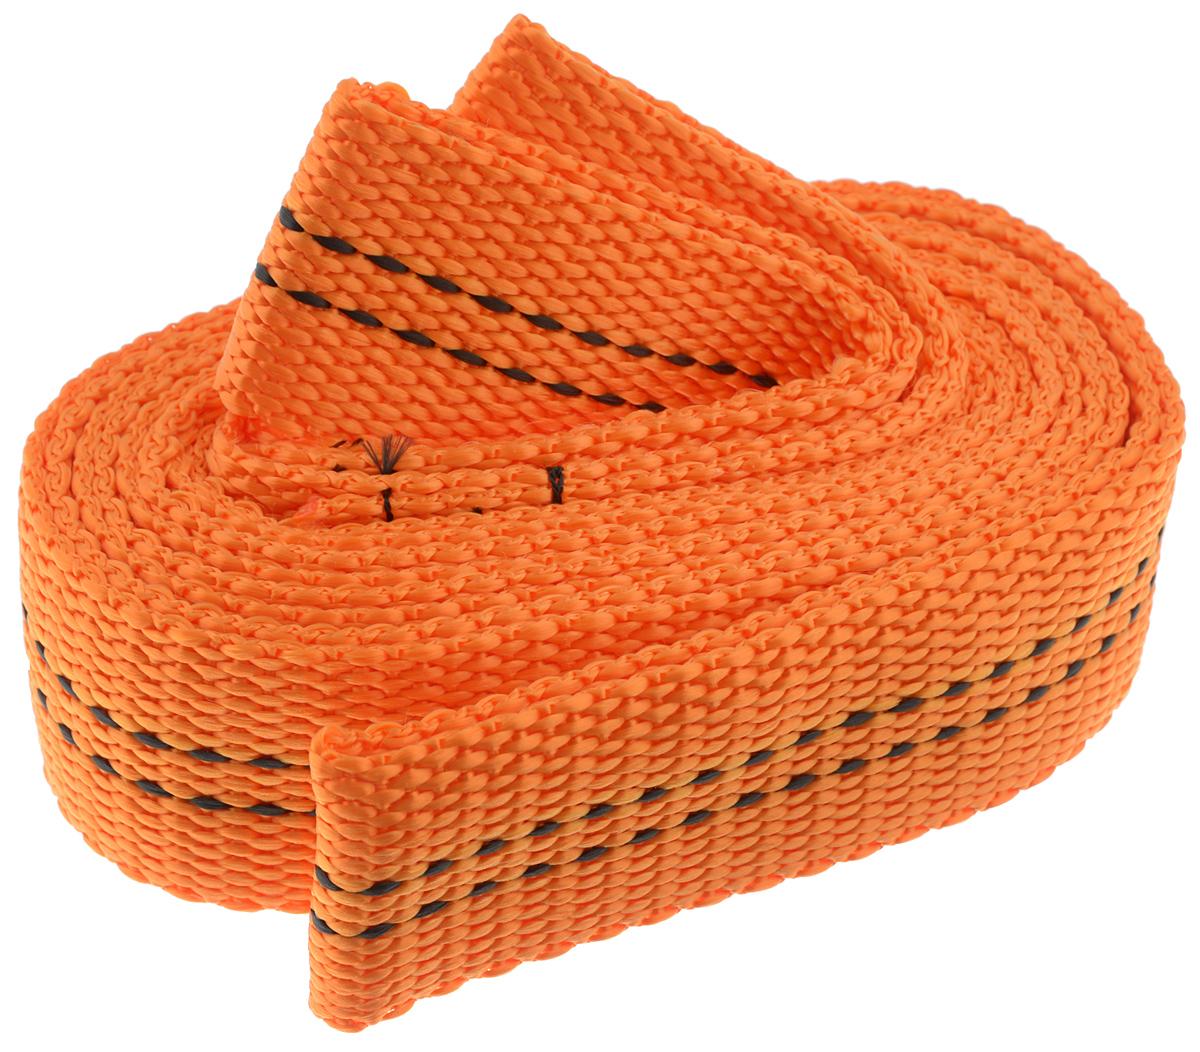 Трос буксировочный Azard, ленточный, без крюка, цвет: оранжевый, черный, 8 т, 4,5 мPANTERA SPX-2RSБуксировочный трос Azard представляет собой ленту из сверхпрочнойполиамидной (капроновой) нити. Специальное плетение ленты обеспечиваетэластичность троса и плавный старт автомобиля при буксировке. Напротяжении всего срока службы не меняет свои линейные размеры.Трос морозостойкий, влагостойкий и устойчив к агрессивным средамивоздействию нефтепродуктов. Длина троса соответствует ПДД РФ.Буксировочный трос обязательно должен быть в каждом автомобиле. Оннеобходим на случай аварийной ситуации или если ваш автомобильзастрял на бездорожье.Максимальная нагрузка: 8 т.Длина троса: 4,5 м.